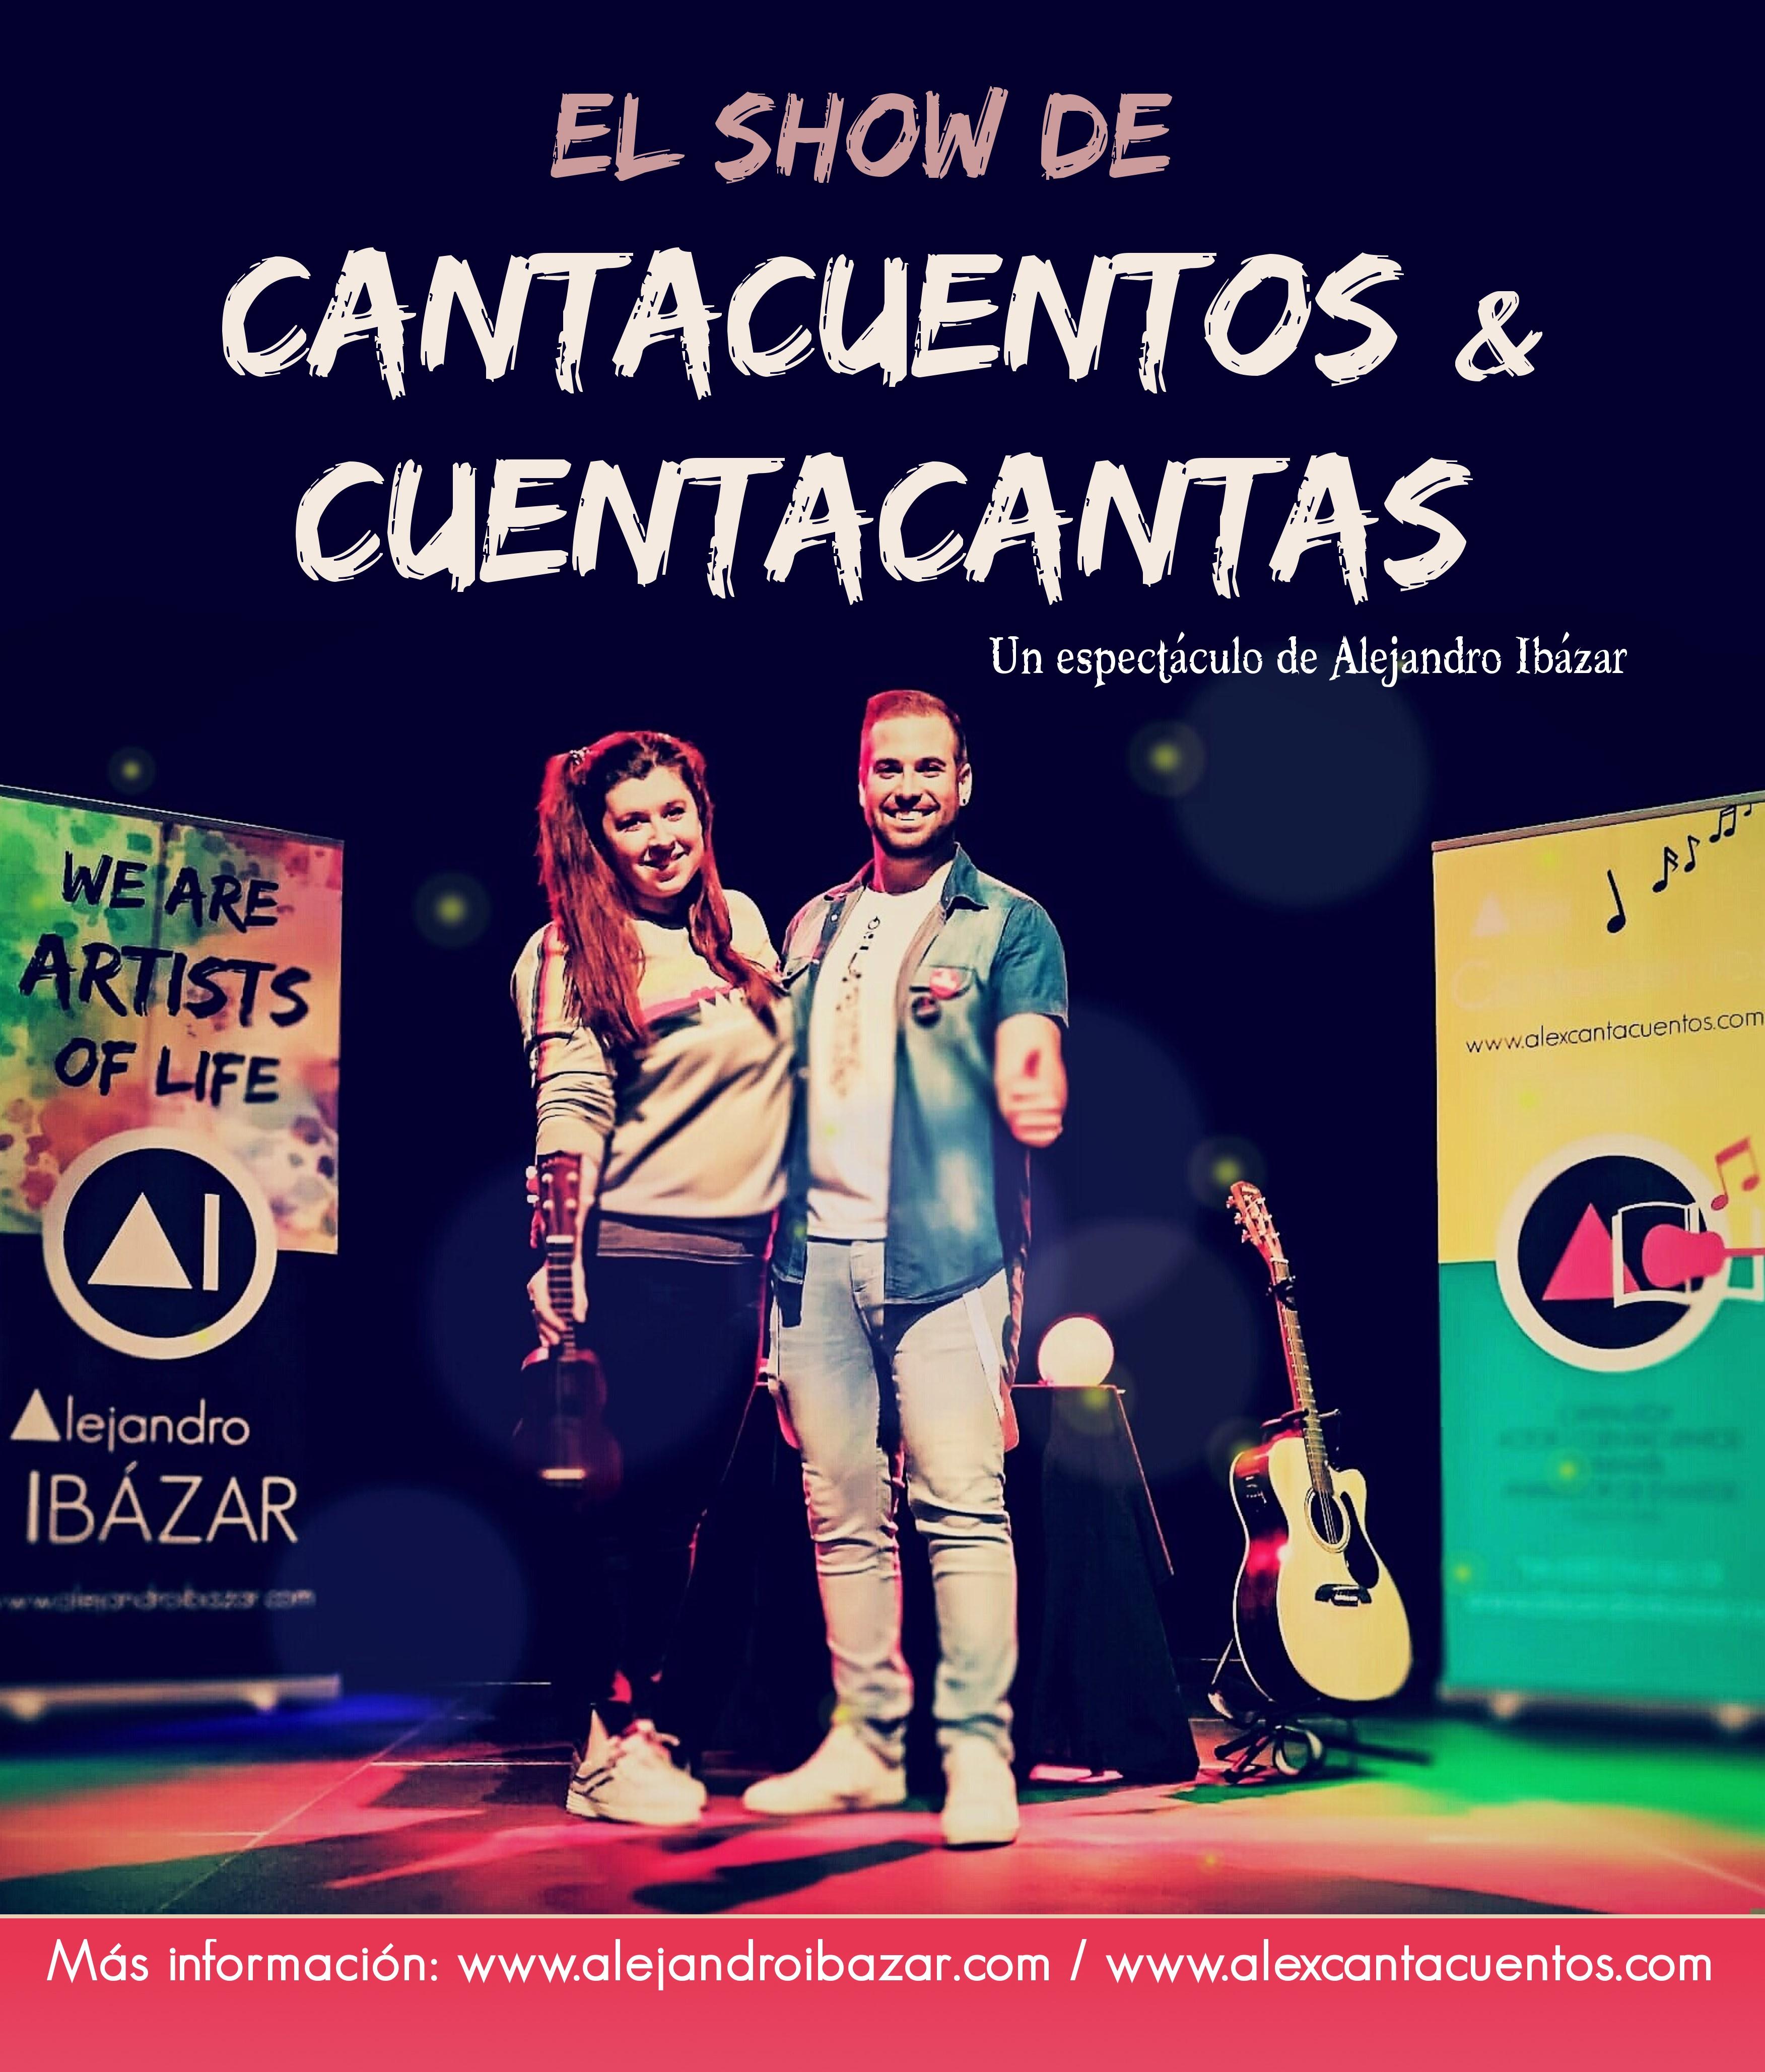 EL SHOW DE CANTACUENTOS Y CUENTACANTAS de alejandro ibazar